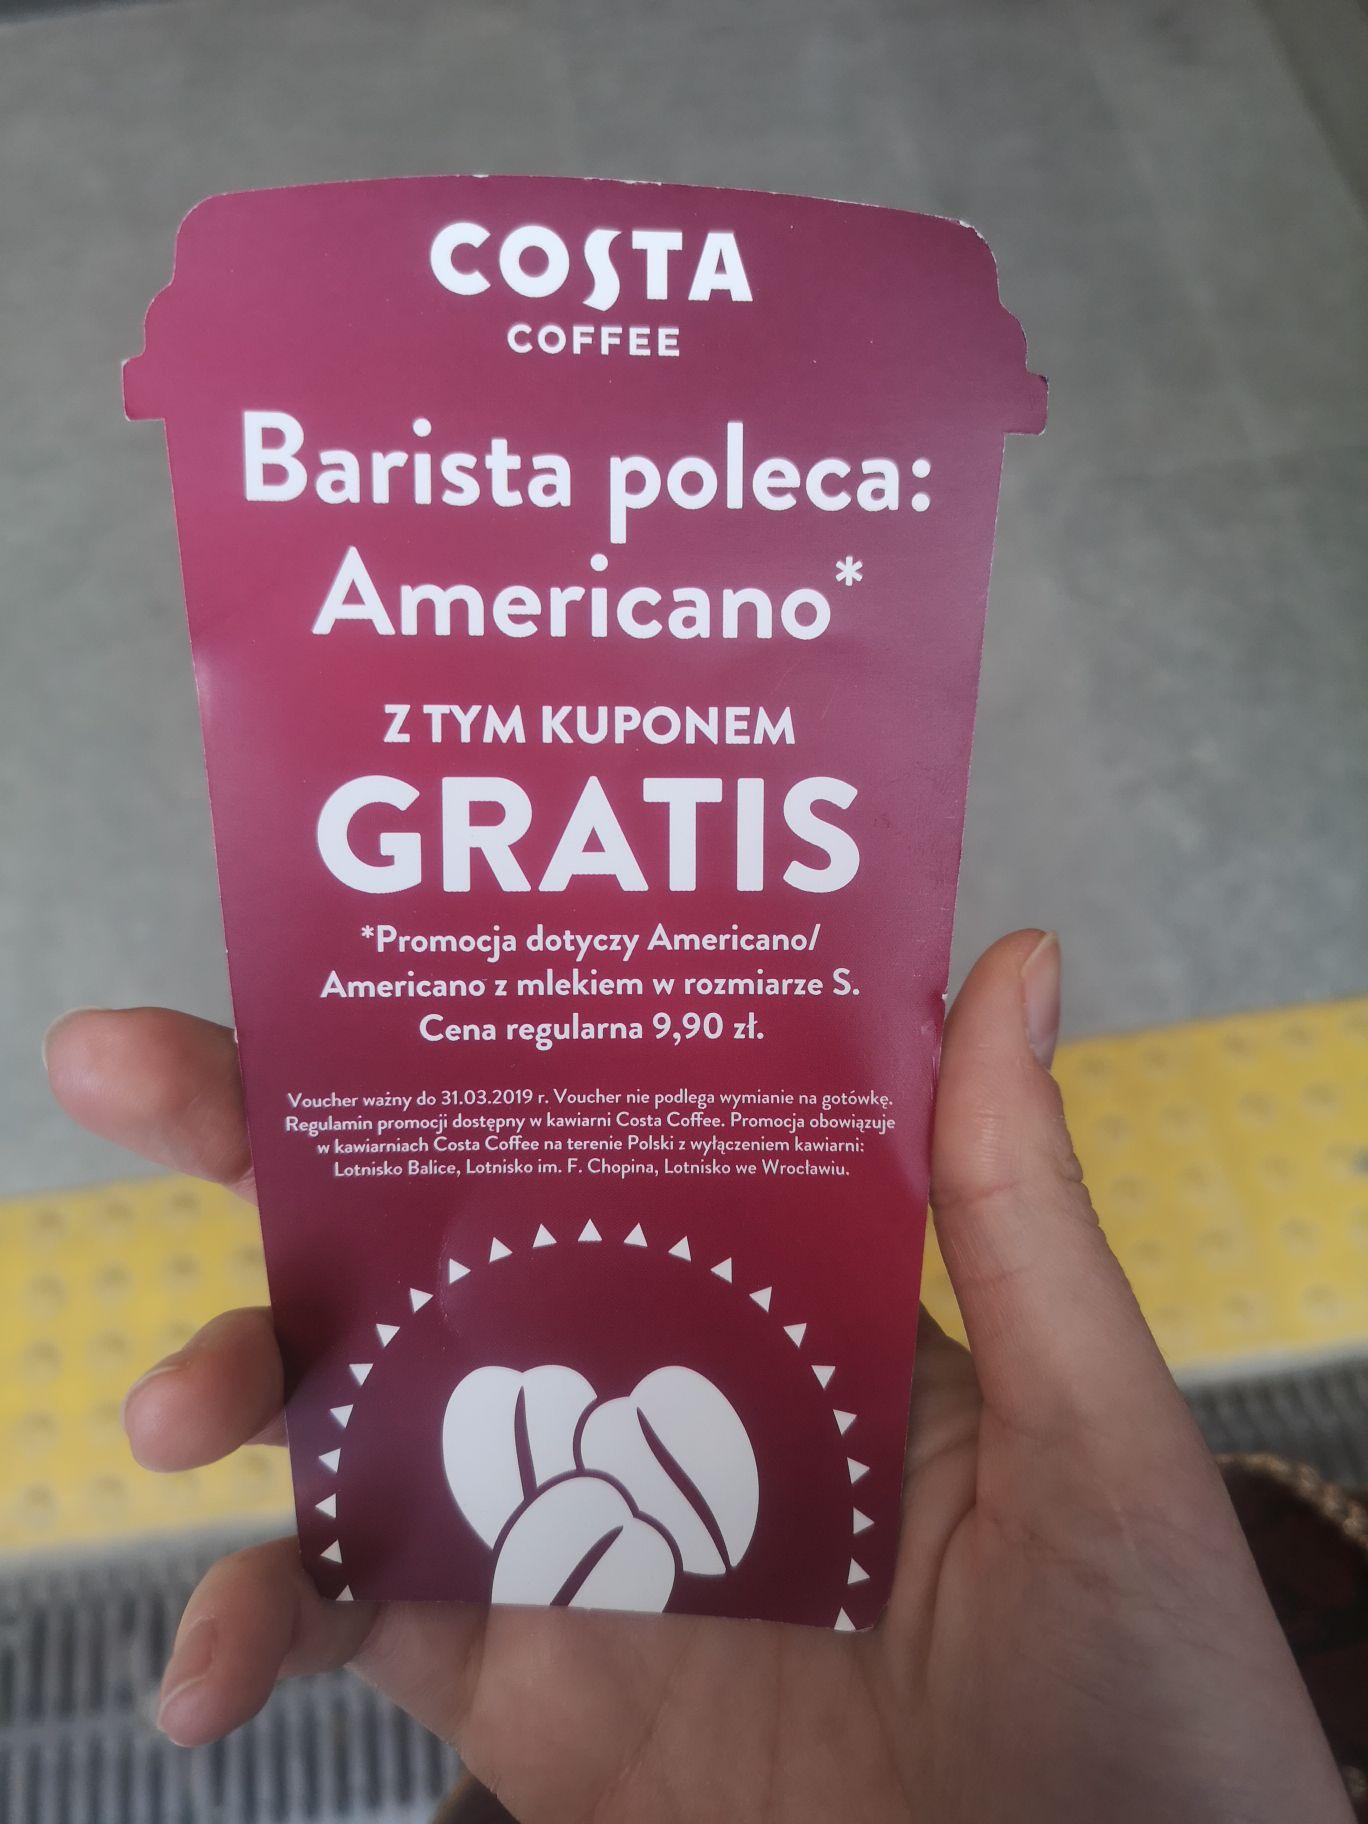 Poznań: rozdają voucher na DARMOWĄ kawę americano w Costa Coffee